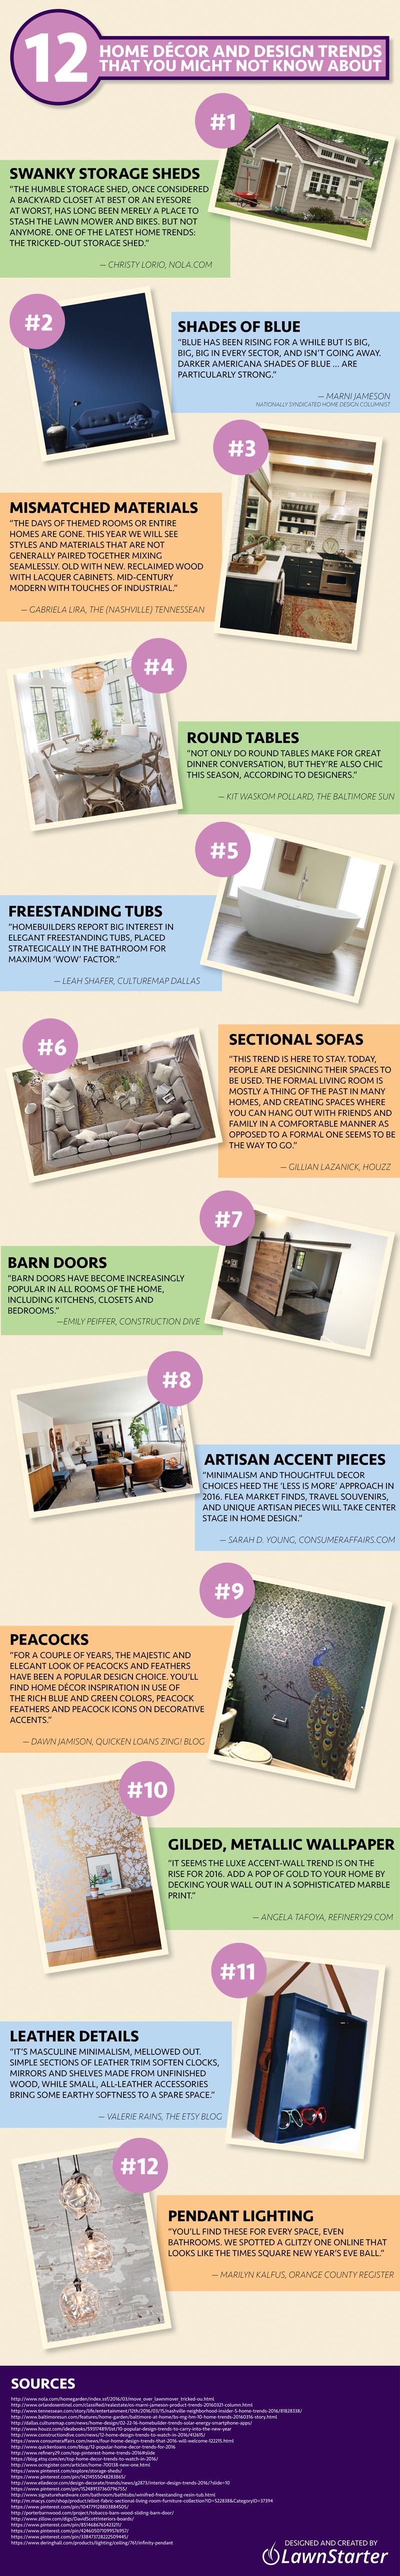 home_decor_design_trends_infog